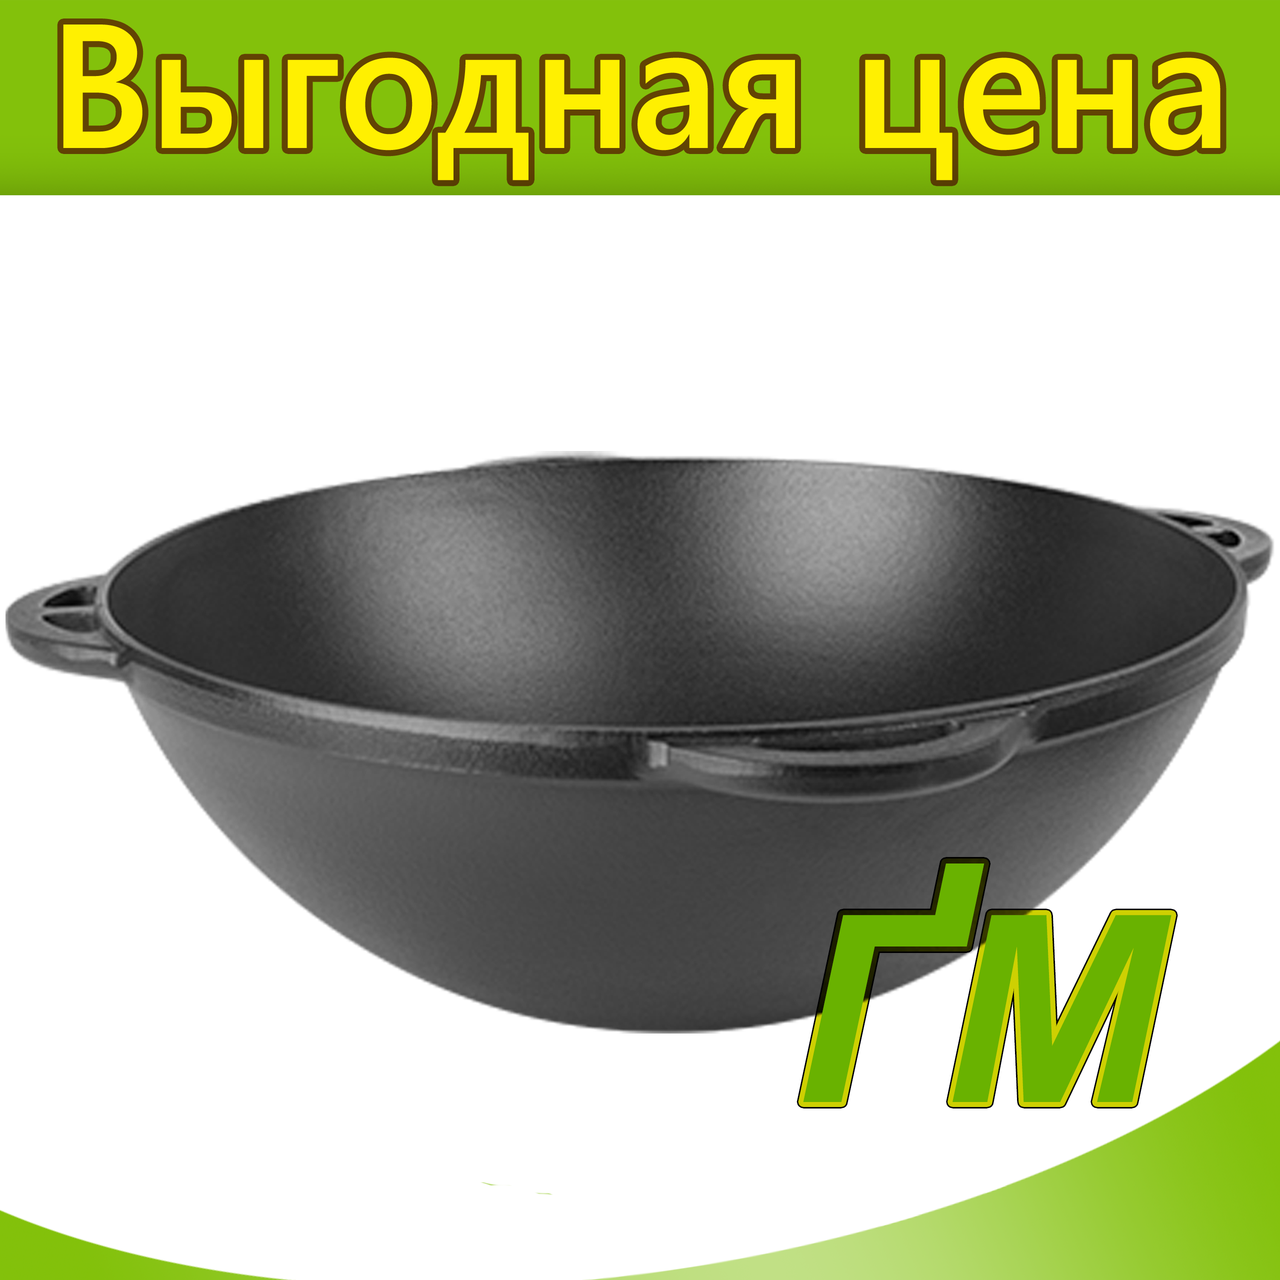 Казан азиатский (матовая эмаль), 8 л.